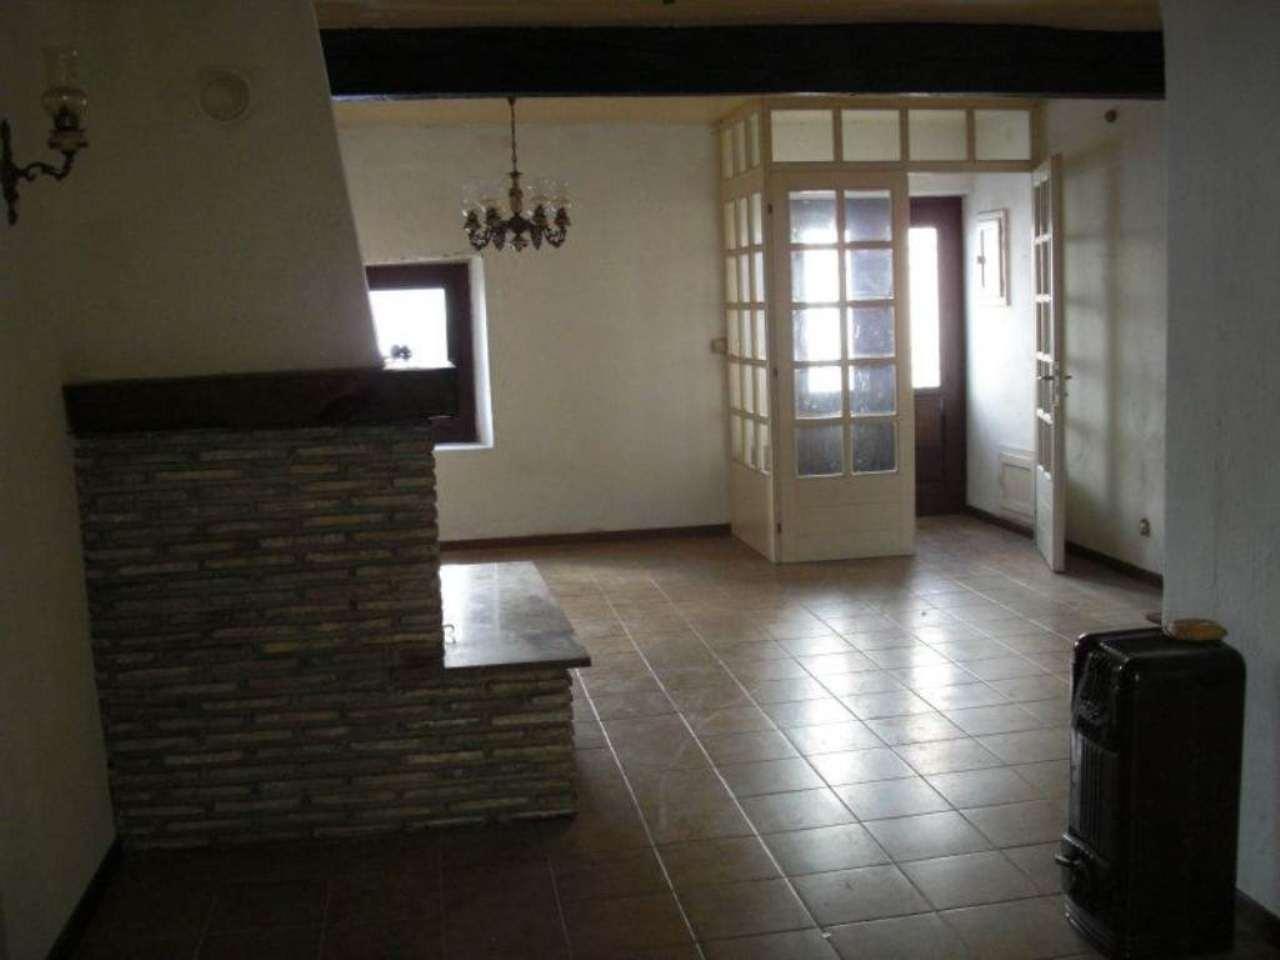 Soluzione Semindipendente in vendita a Cividale del Friuli, 4 locali, prezzo € 110.000 | Cambio Casa.it